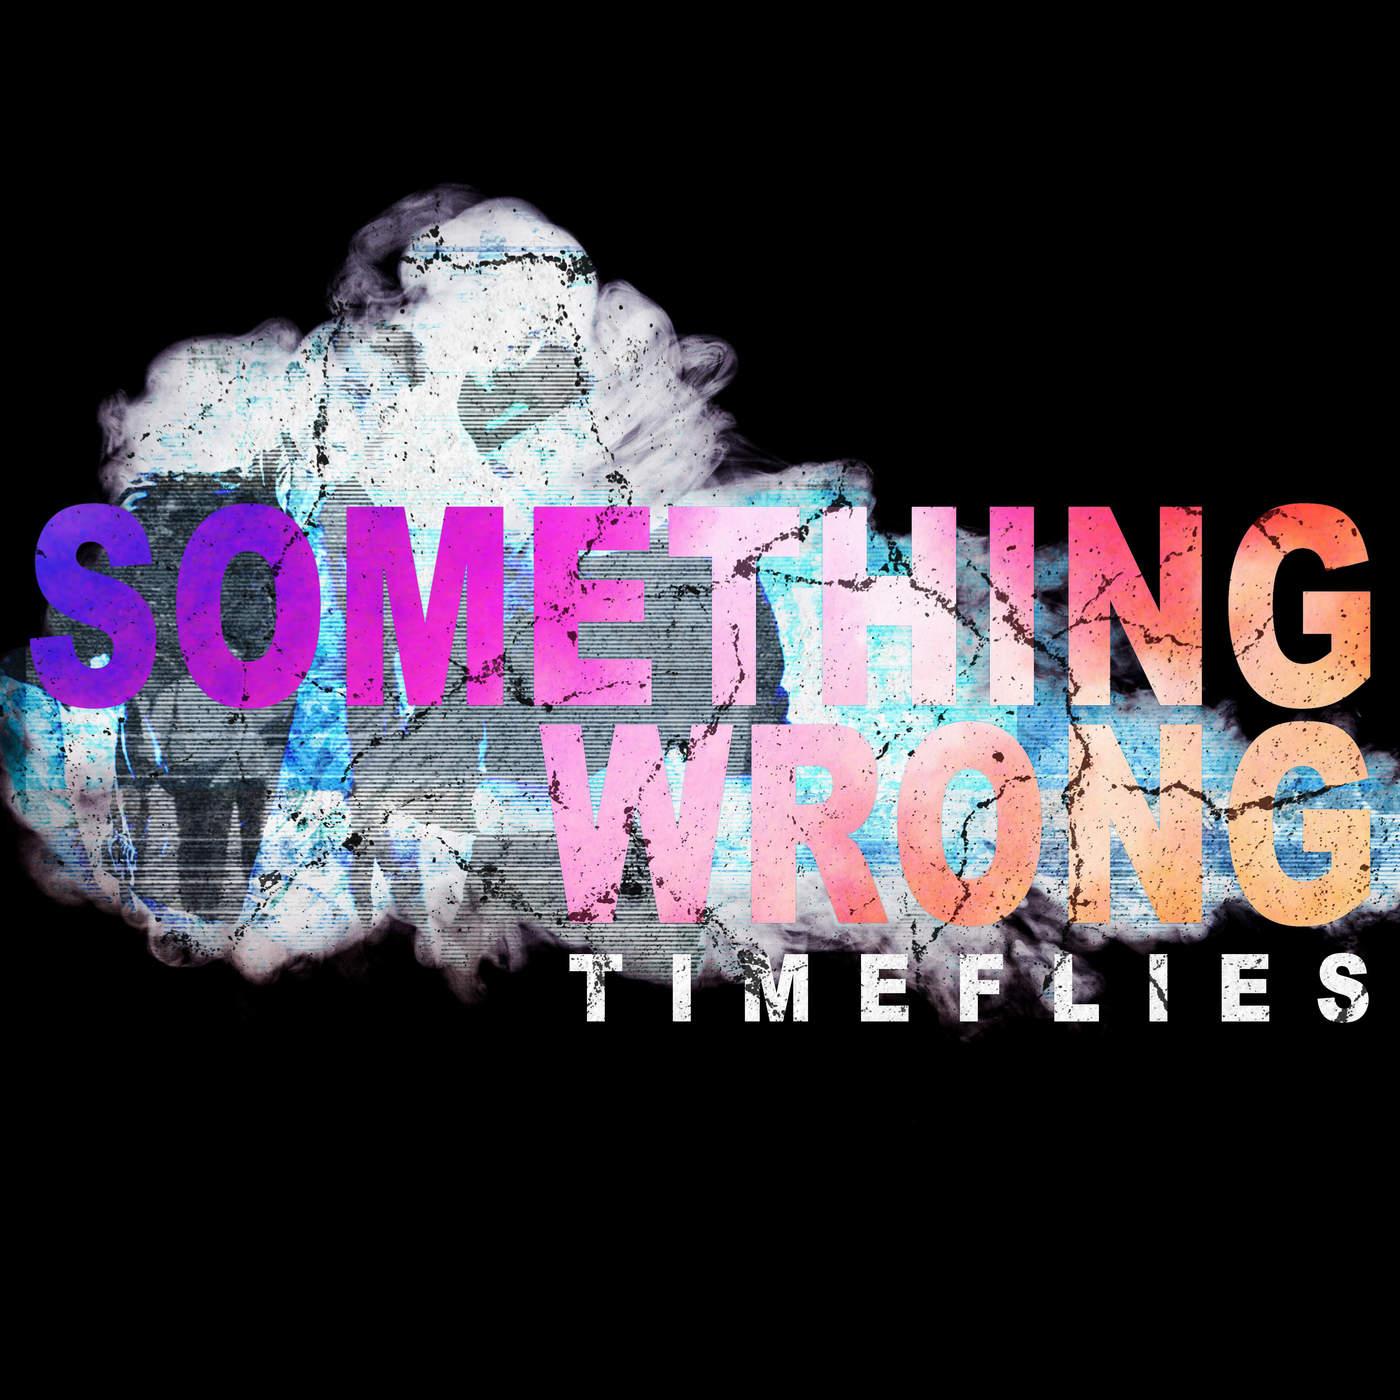 Timeflies - Something Wong - Single Cover